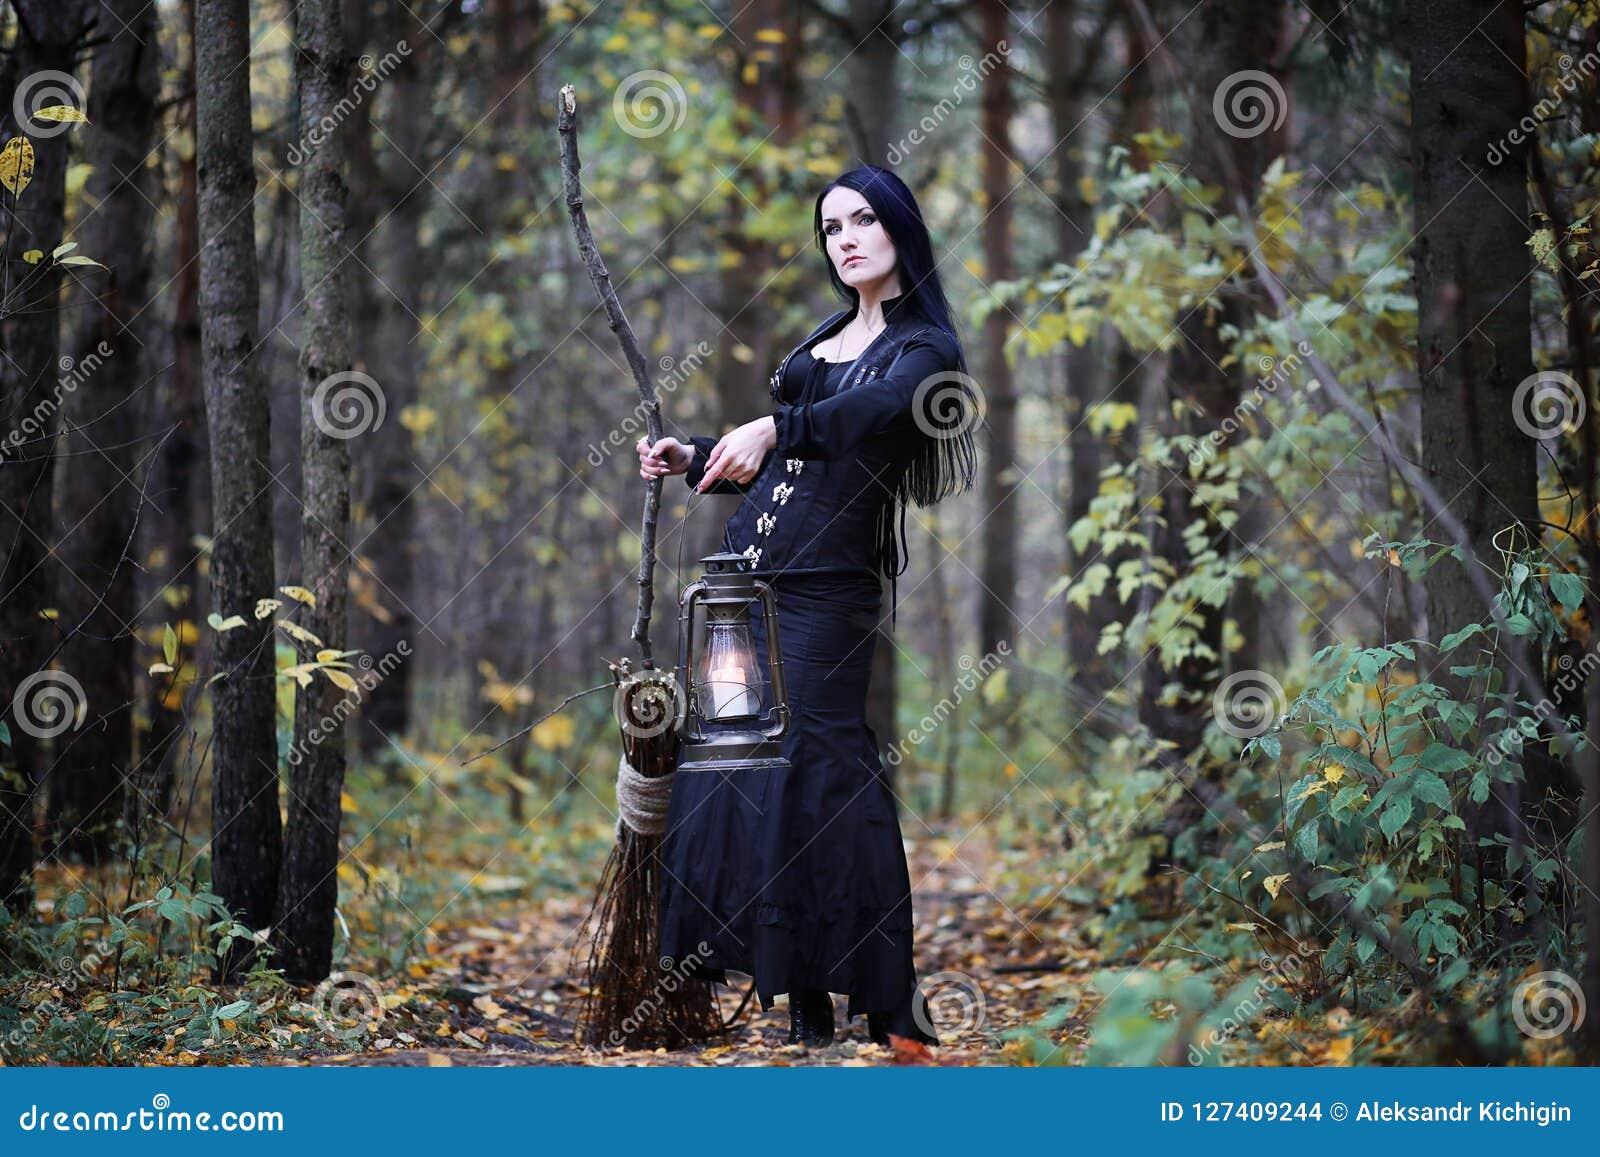 Μια γυναίκα σε ένα κοστούμι μαγισσών σε ένα δάσος